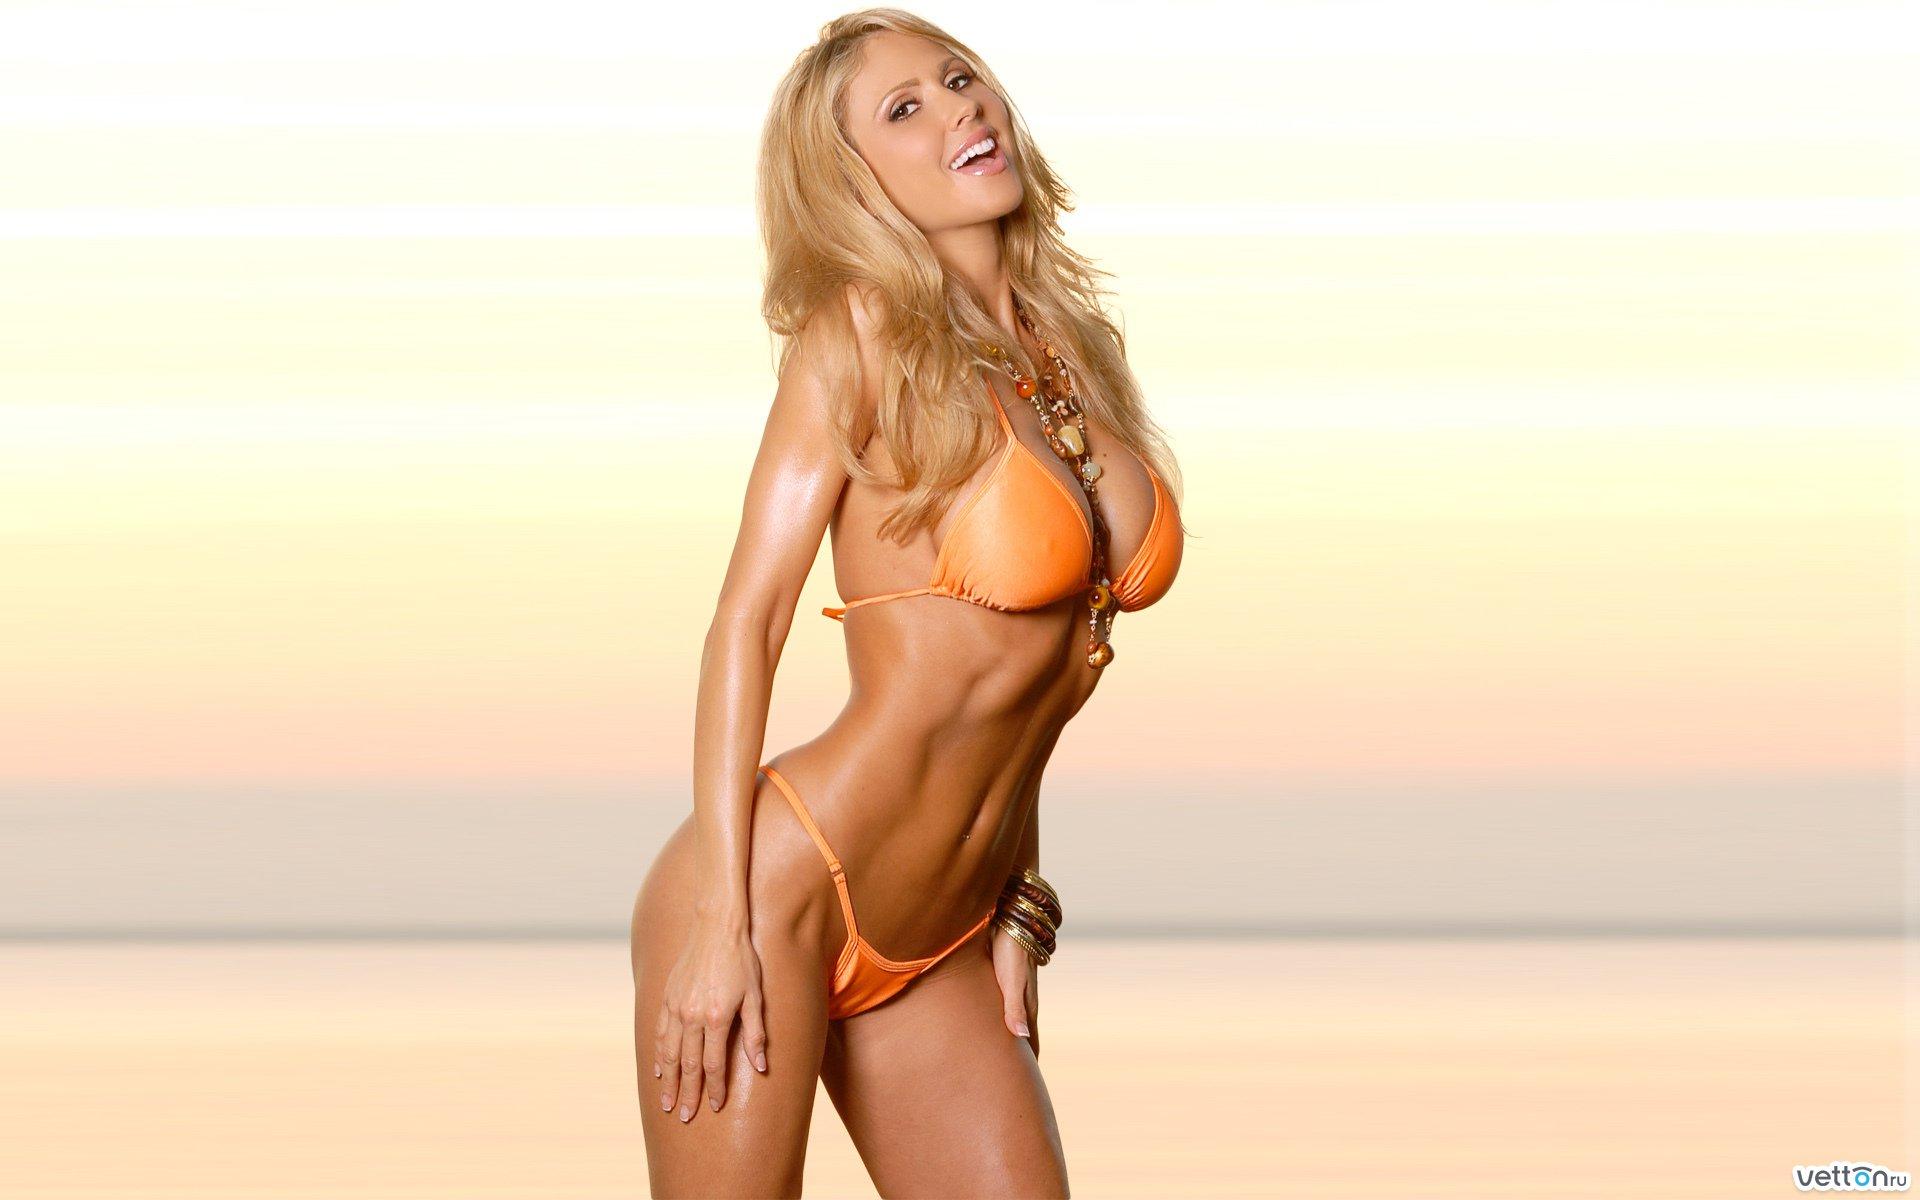 Фотообои пк девушки ххх, порно фотки набор блондинки